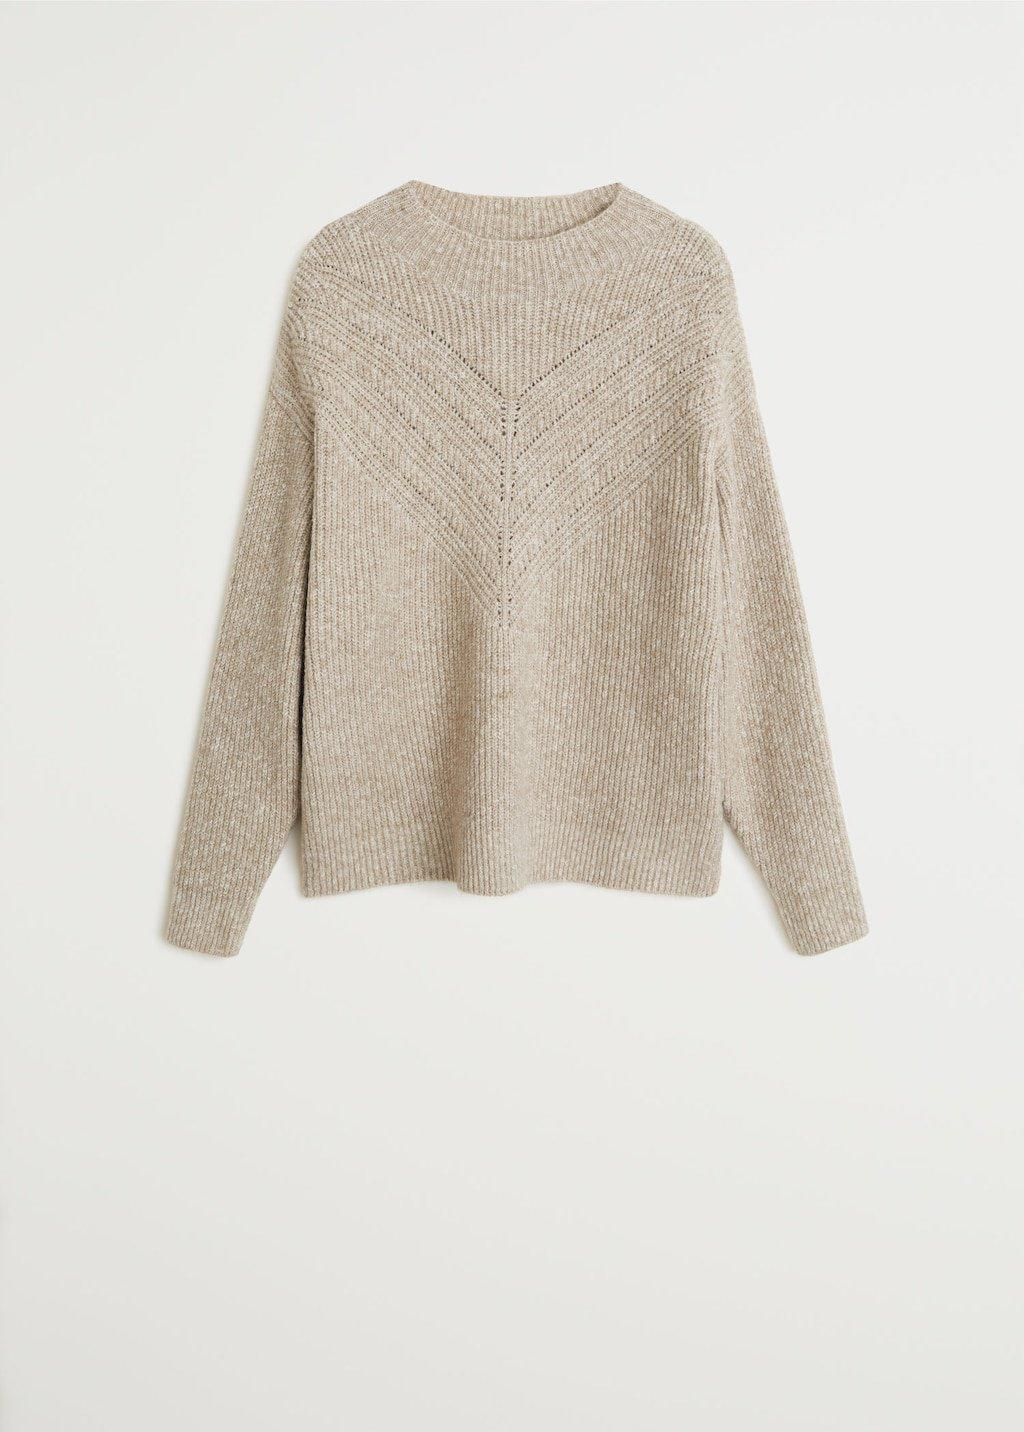 Knit cotton sweater - Women | Mango USA